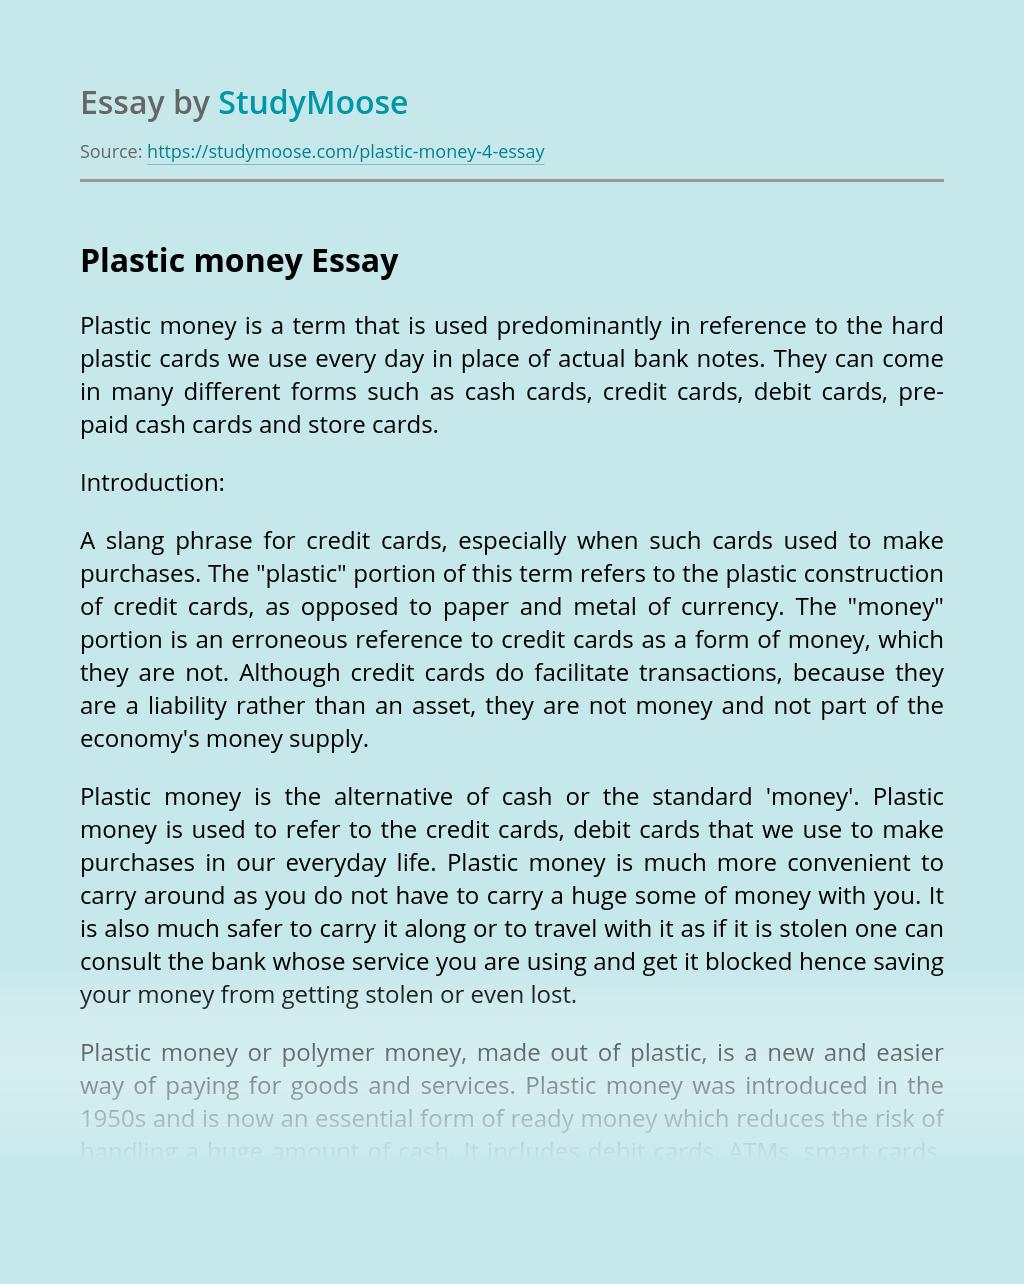 Plastic money